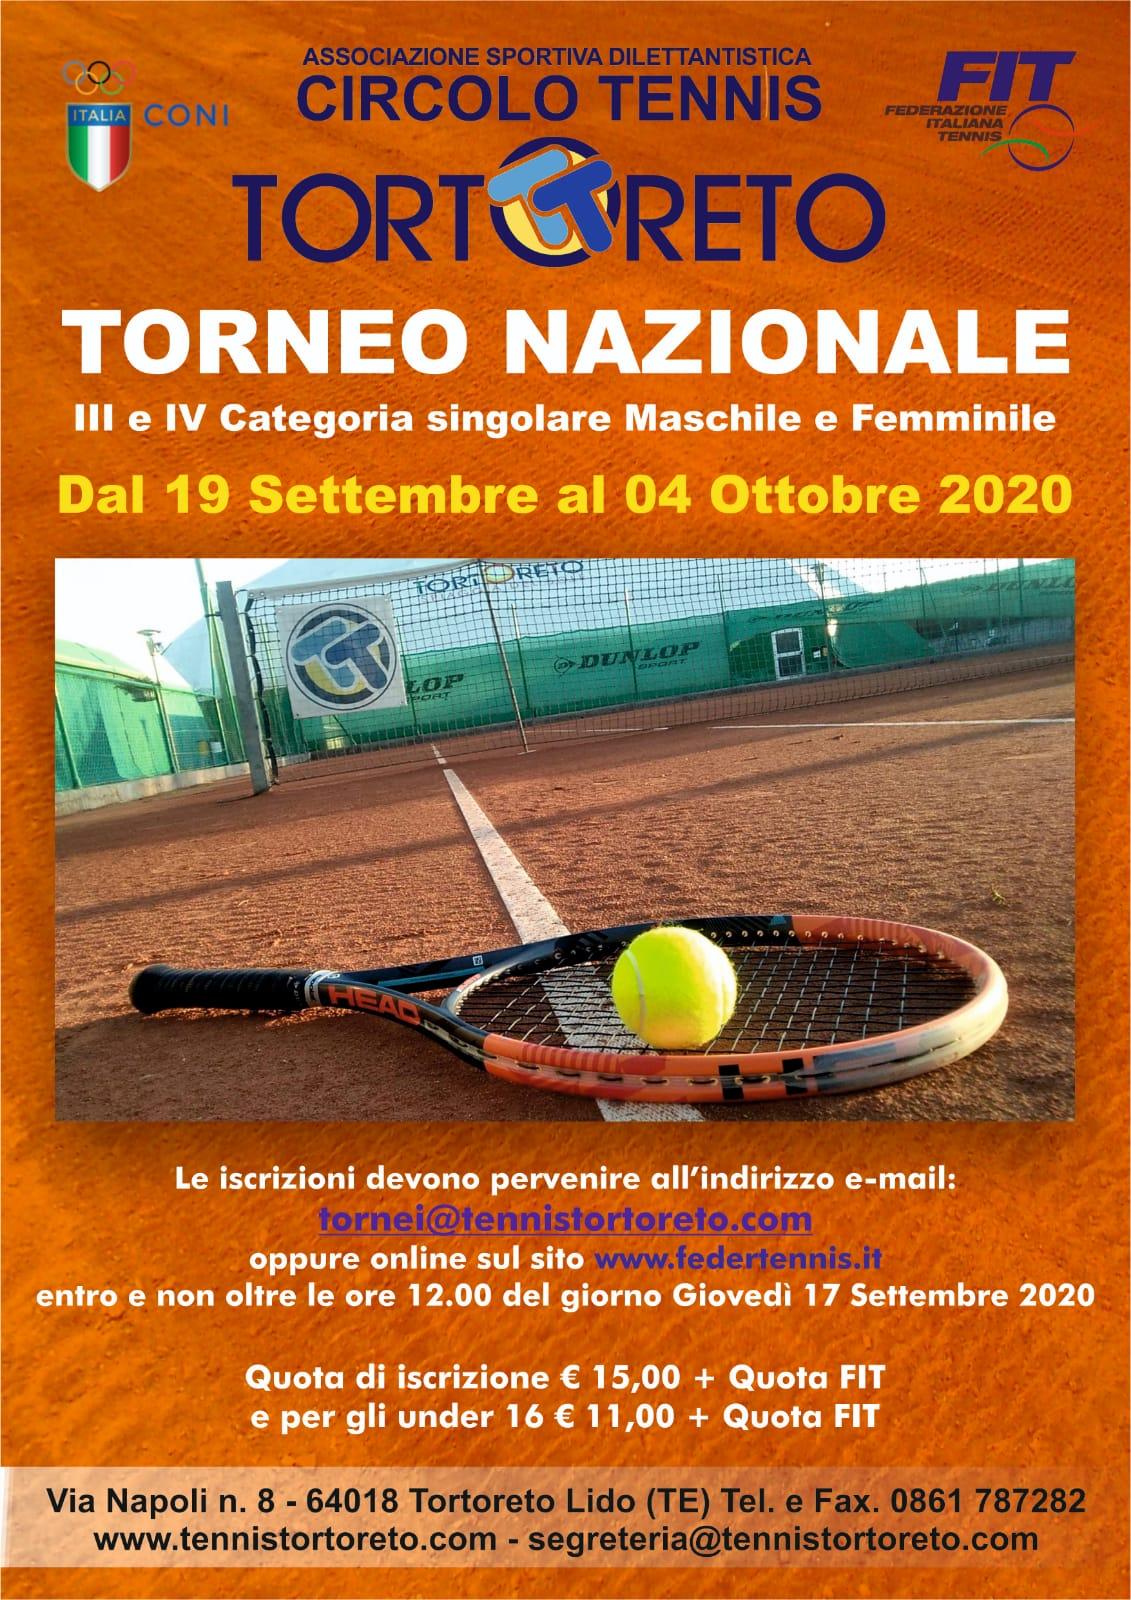 Torneo Nazionale III e IV categoria dal 19 settembre al 04 ottobre